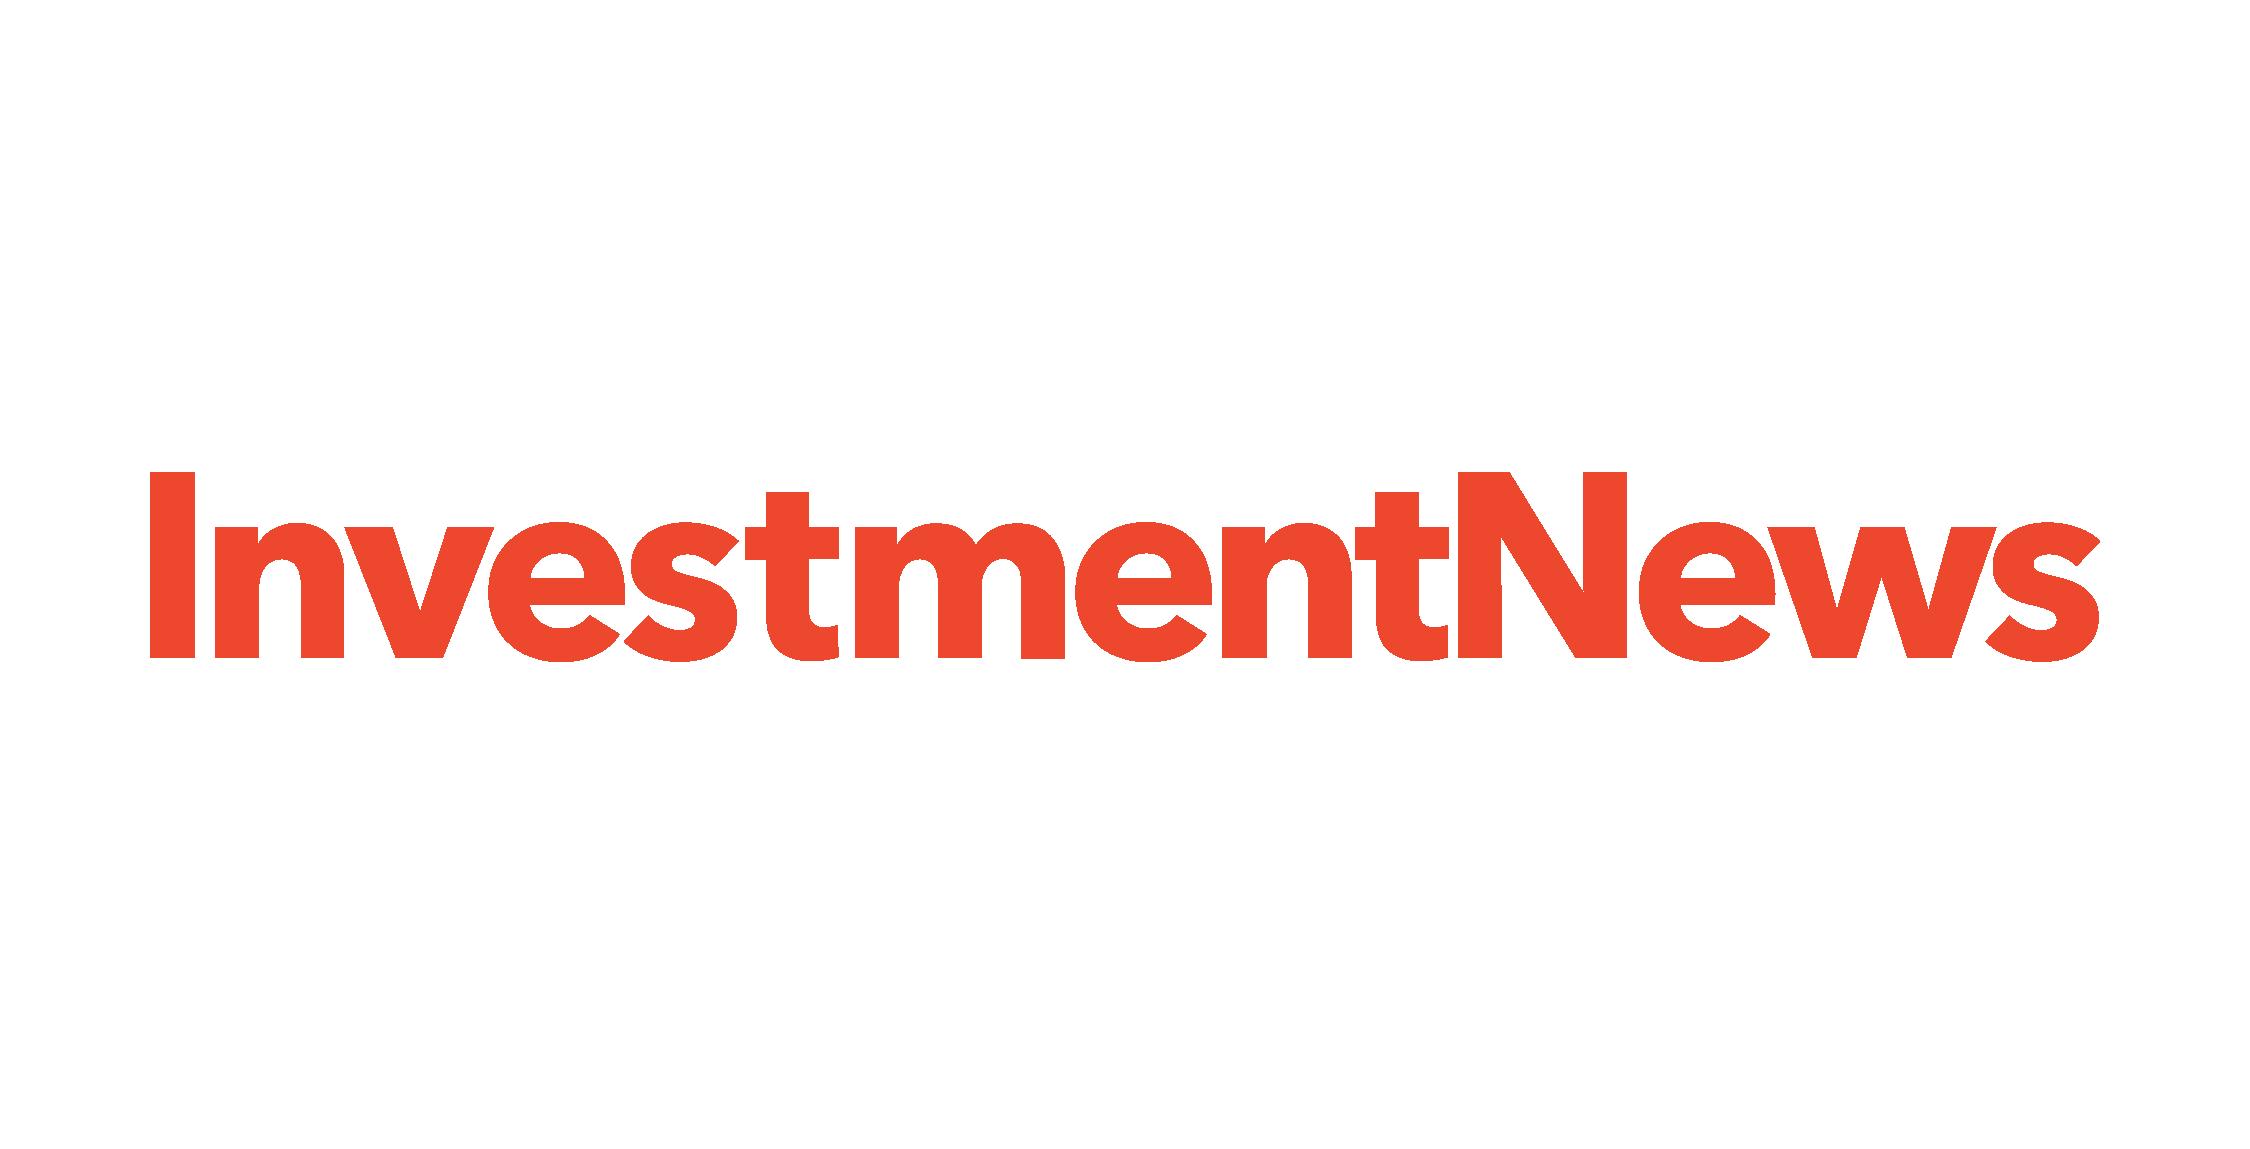 InvestmentNews: Financial Advisors Feeling Immune to Economic Risks of Coronavirus Thumbnail